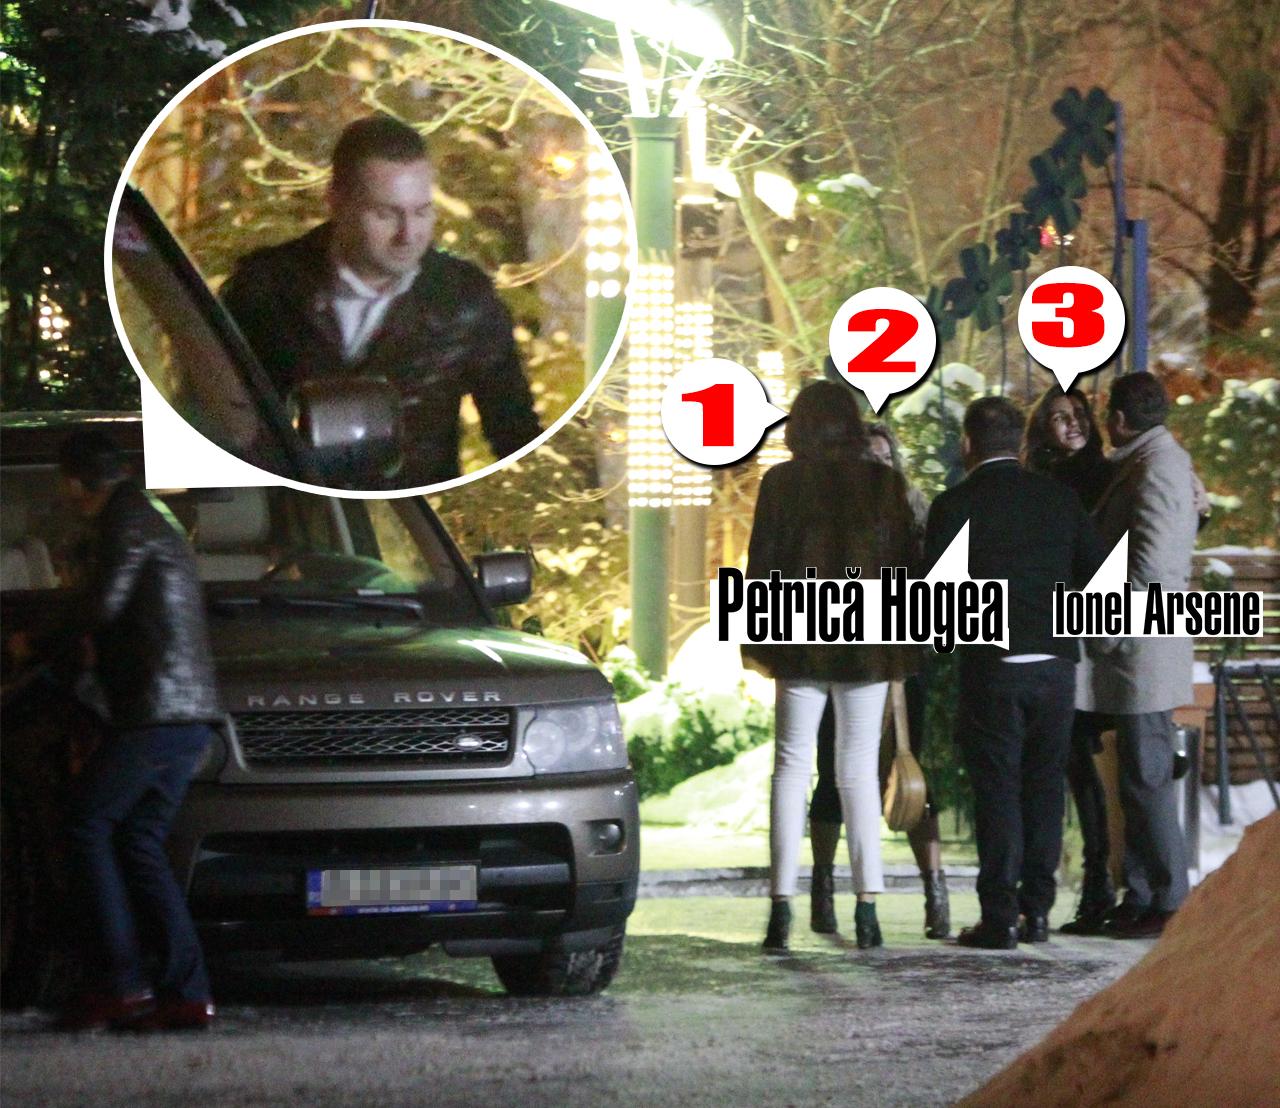 Gasca s-a spart in parcare unde toti s-au pupat cu toti. Barbatul din medalion a luat o parte din doamne si a plecat cu ele. Cine stie unde...Cine il recunoaste ne poate scrie la pont@cancan.ro